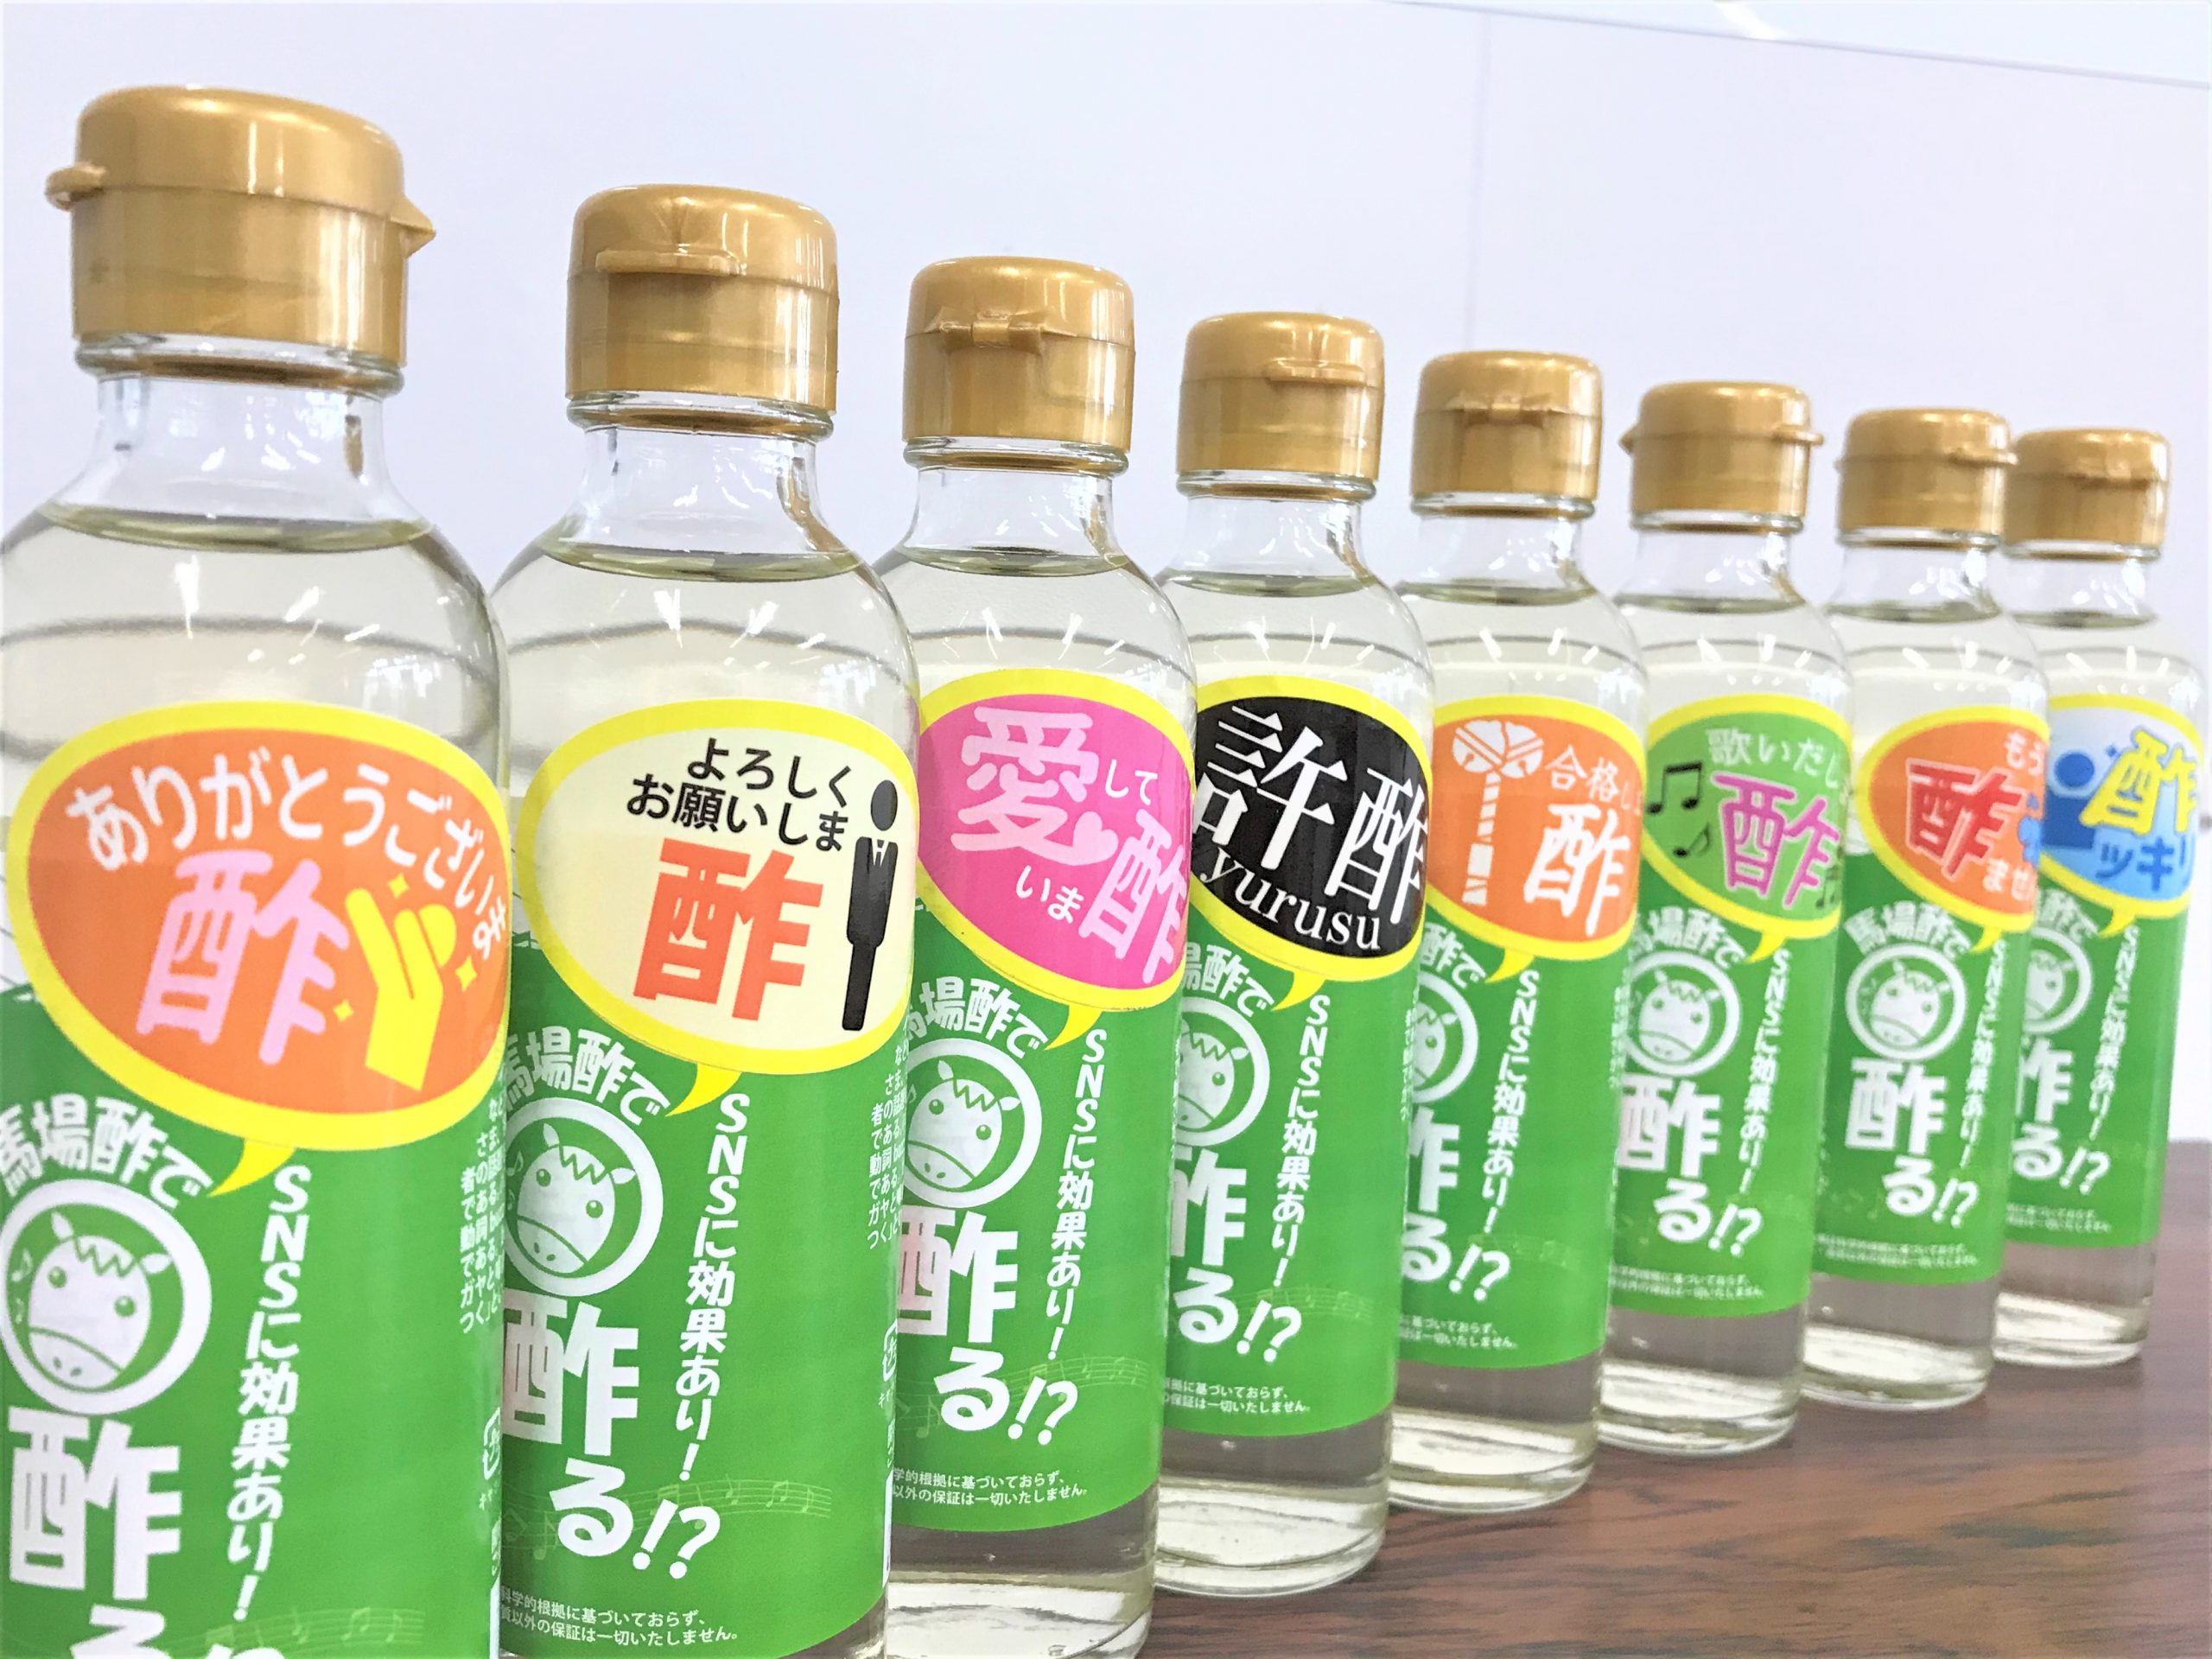 馬場酢|馬酢る|馬場醤油店|熊本県人吉市